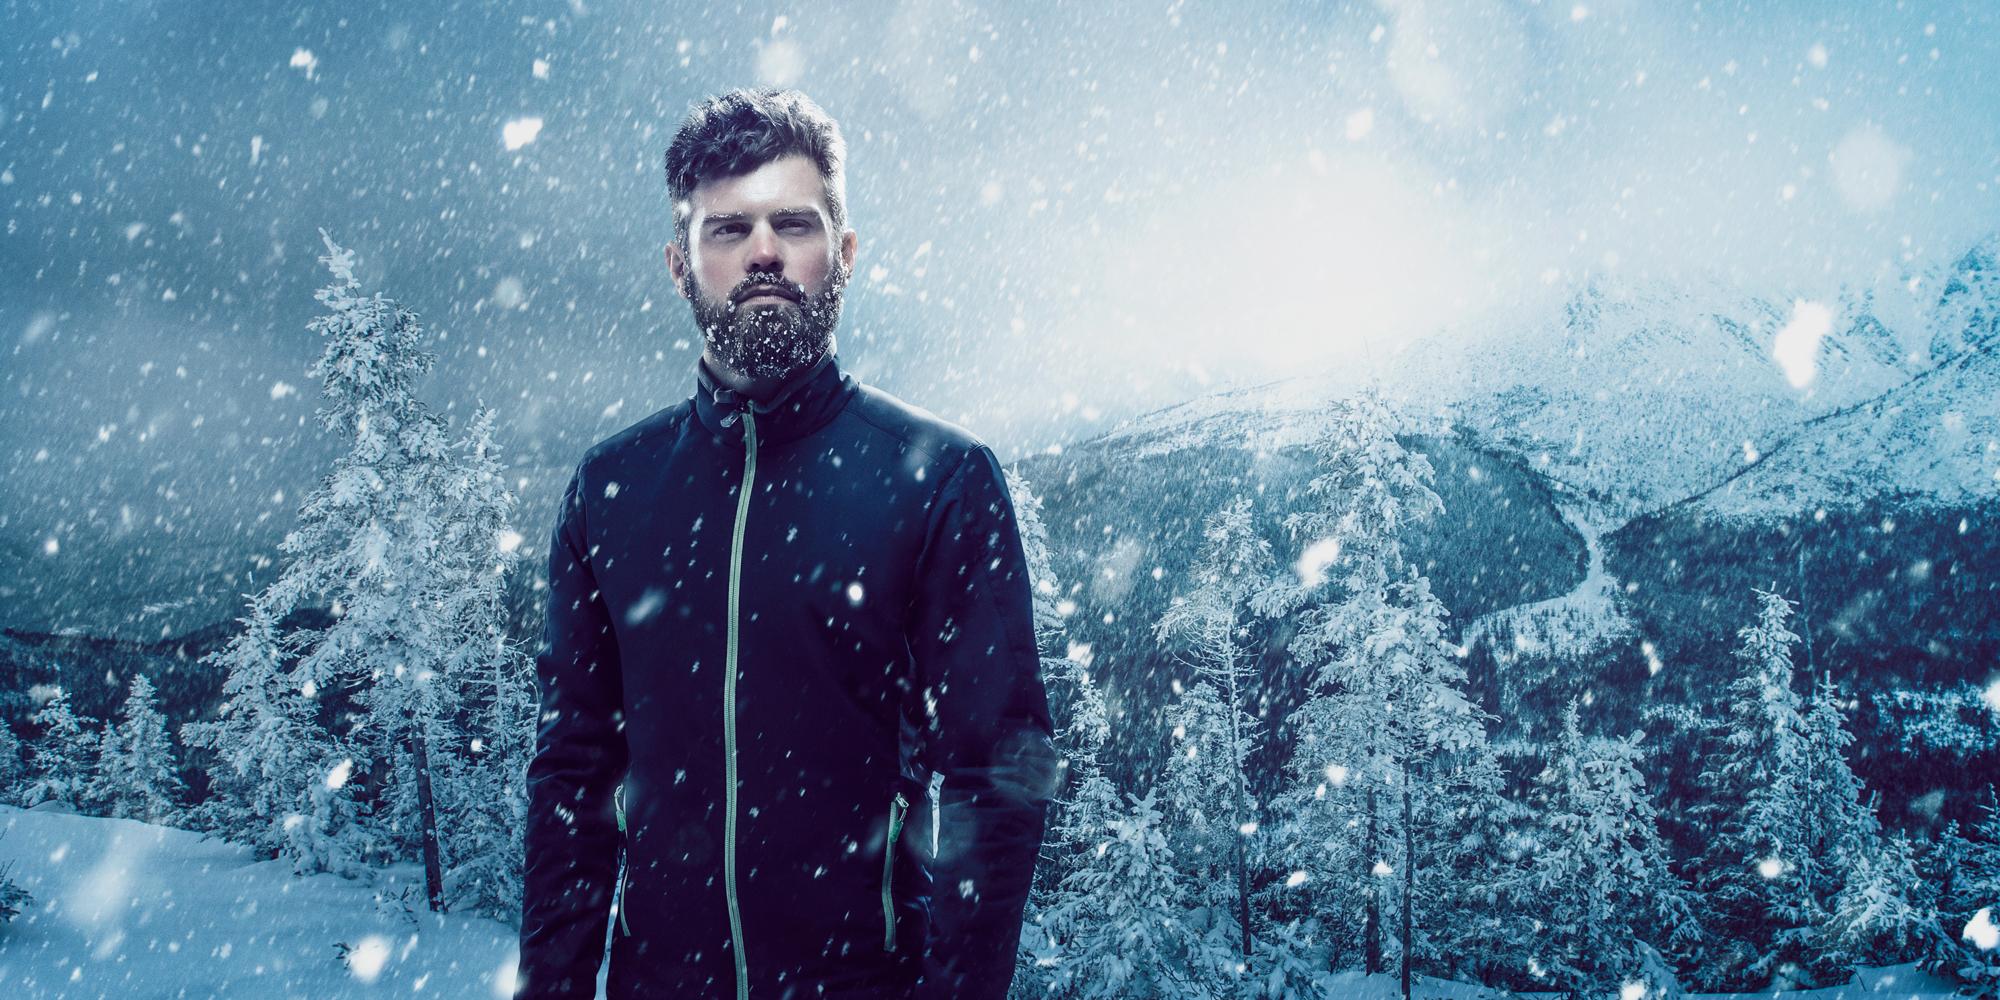 ski_Portrait_Cover_Finale_E.jpg